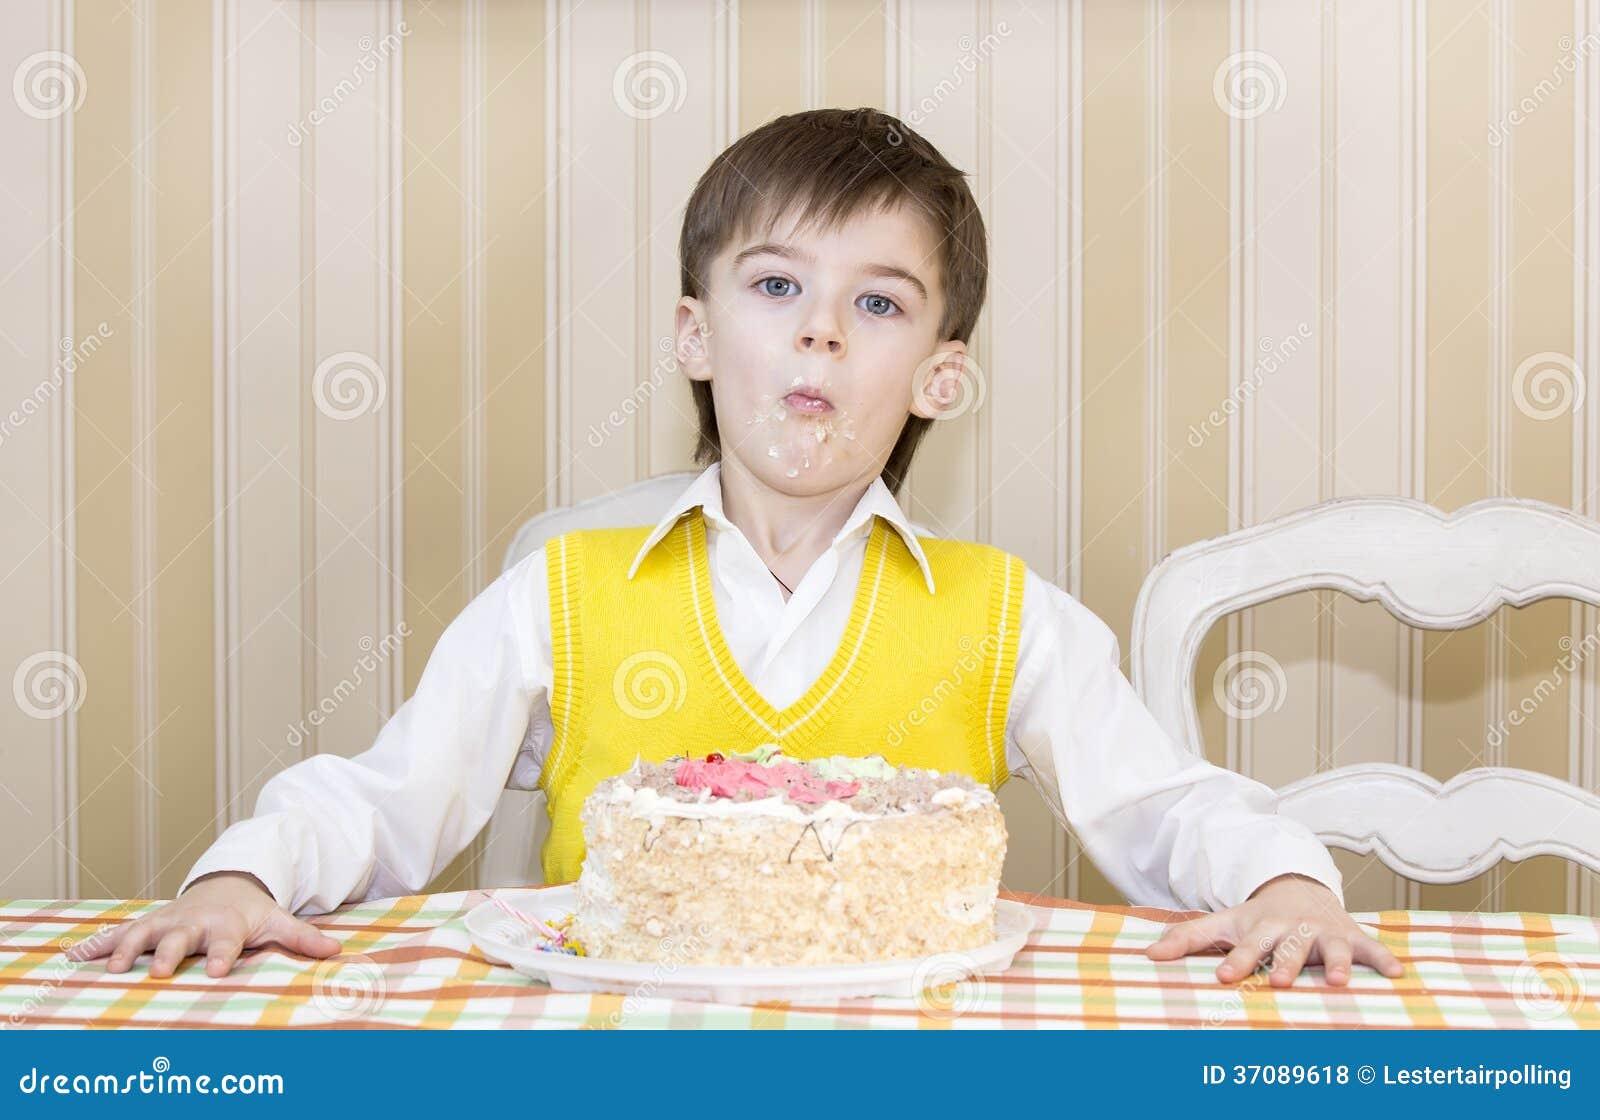 Download Dzieciaki jedzą tort zdjęcie stock. Obraz złożonej z tort - 37089618